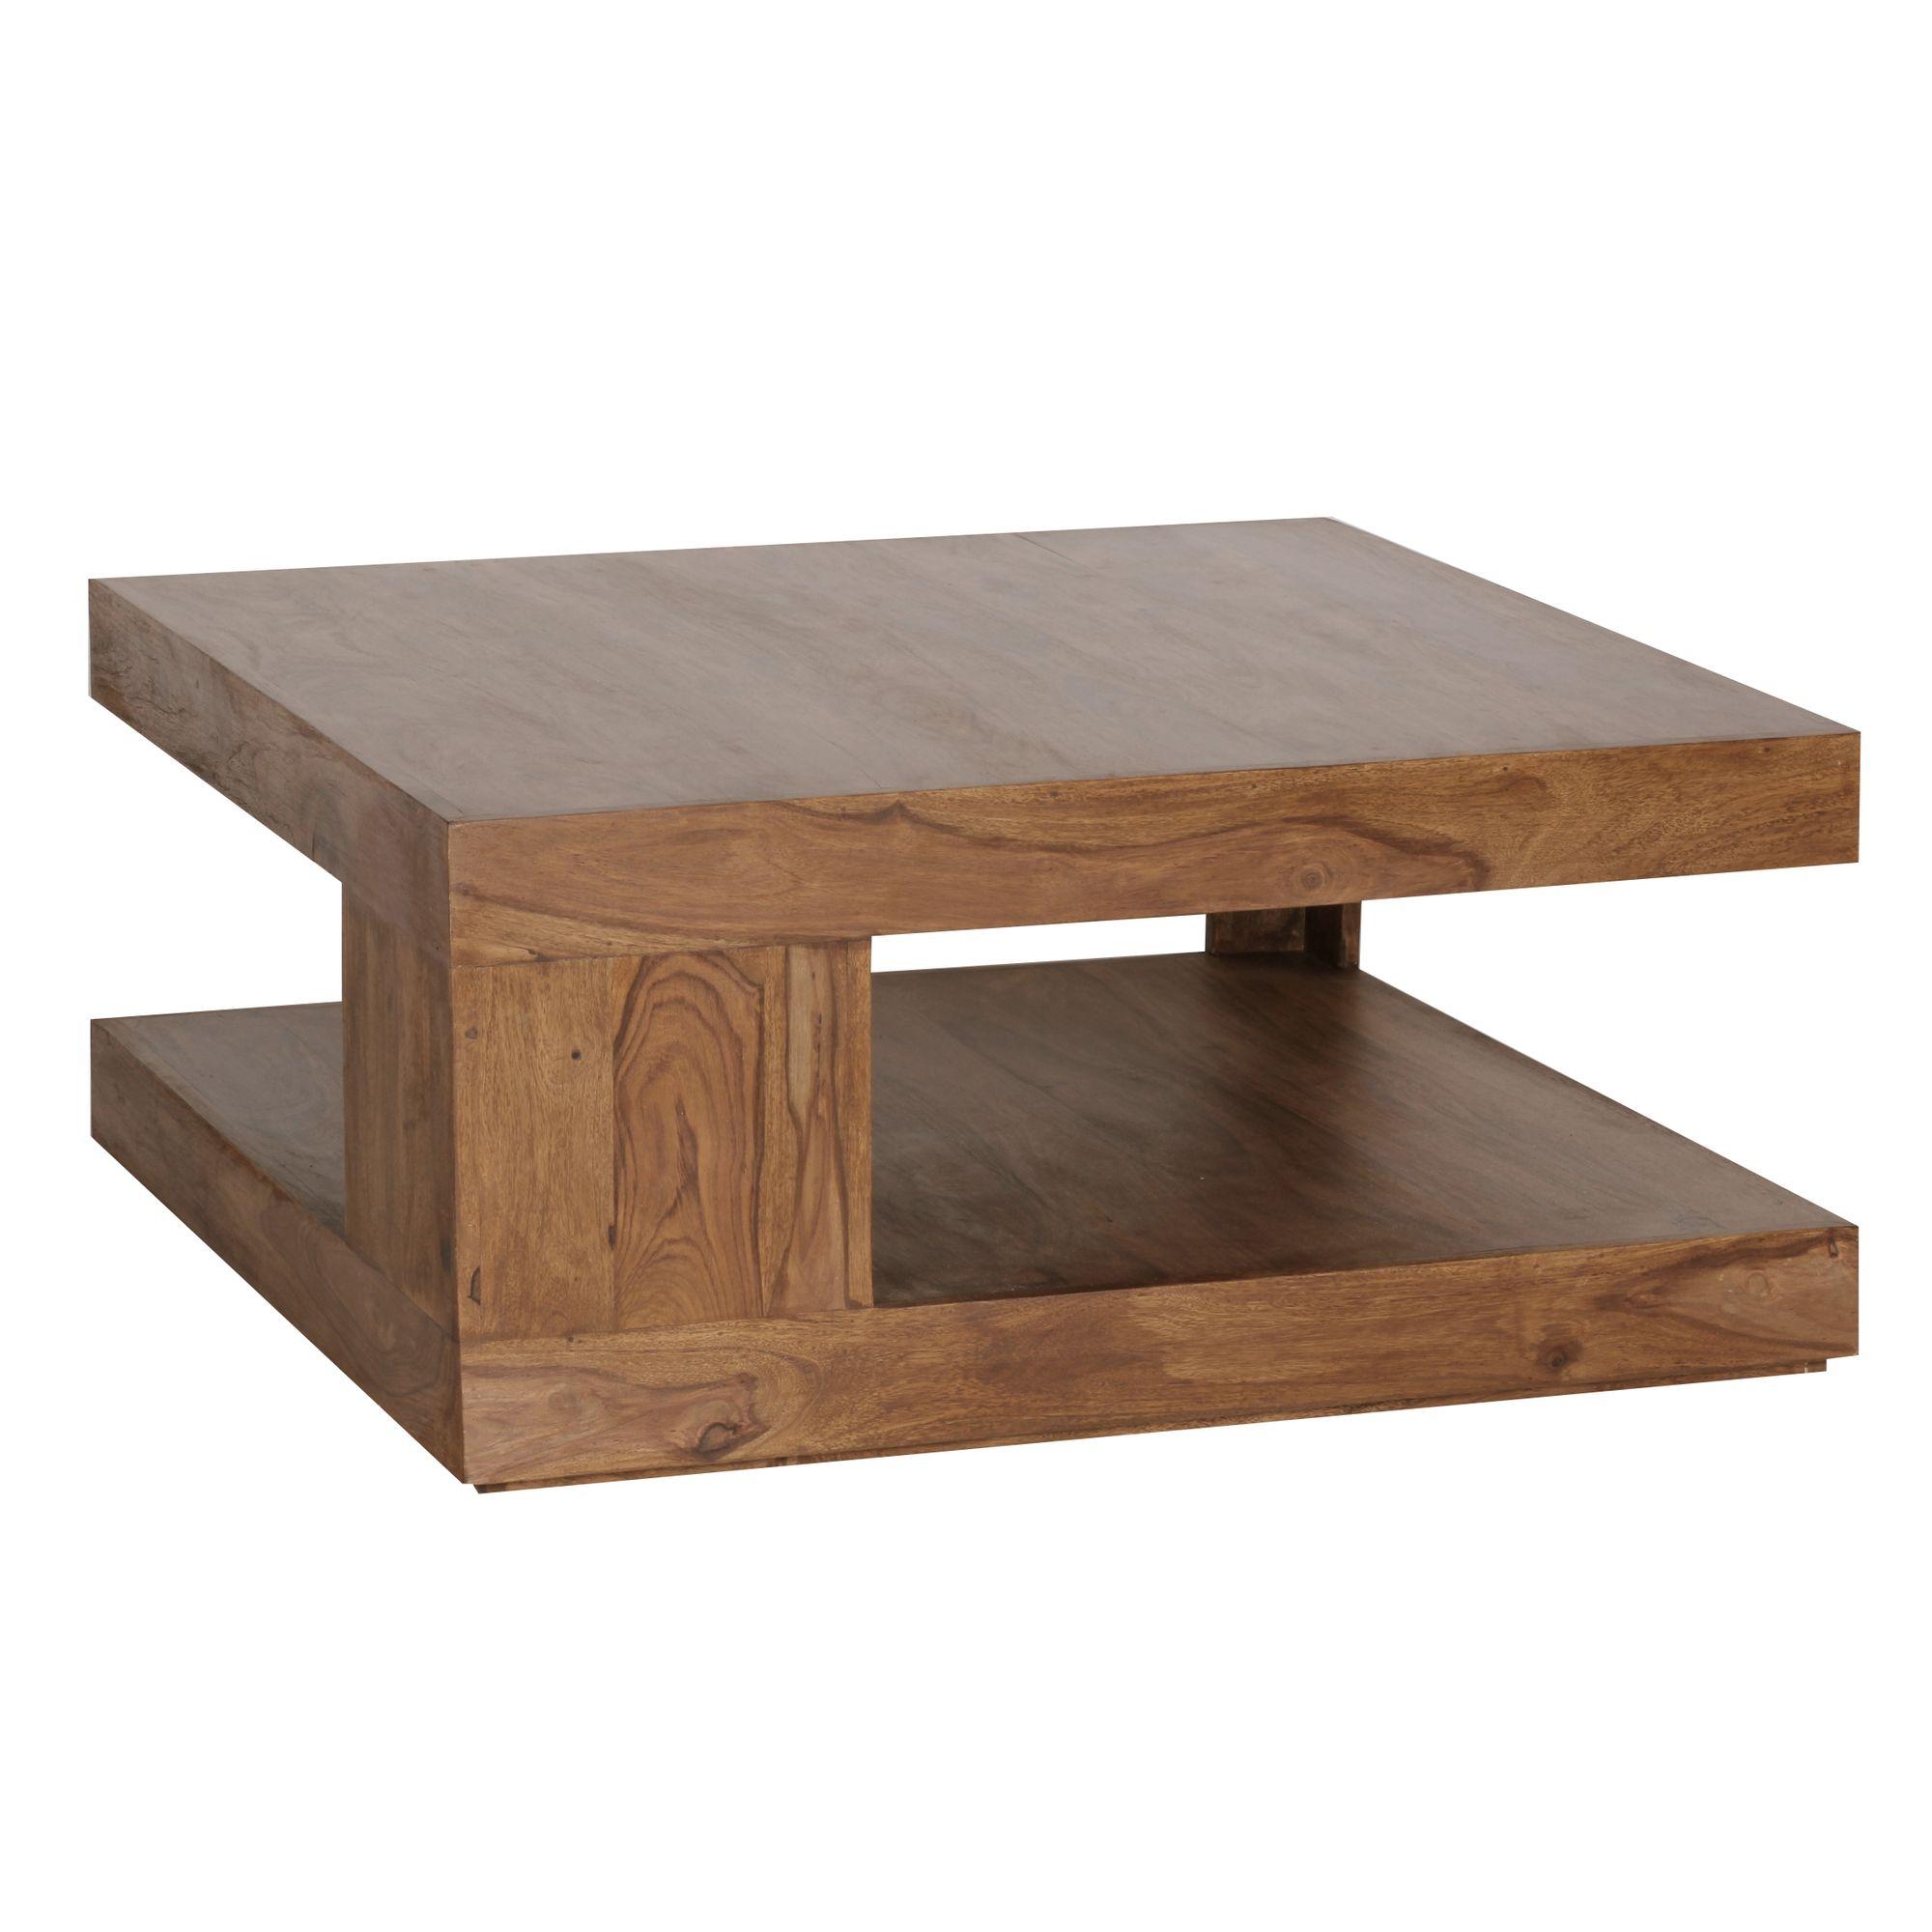 Massiver Couchtisch Patan 90 X 90 Cm Wohnzimmertisch Holz Tisch